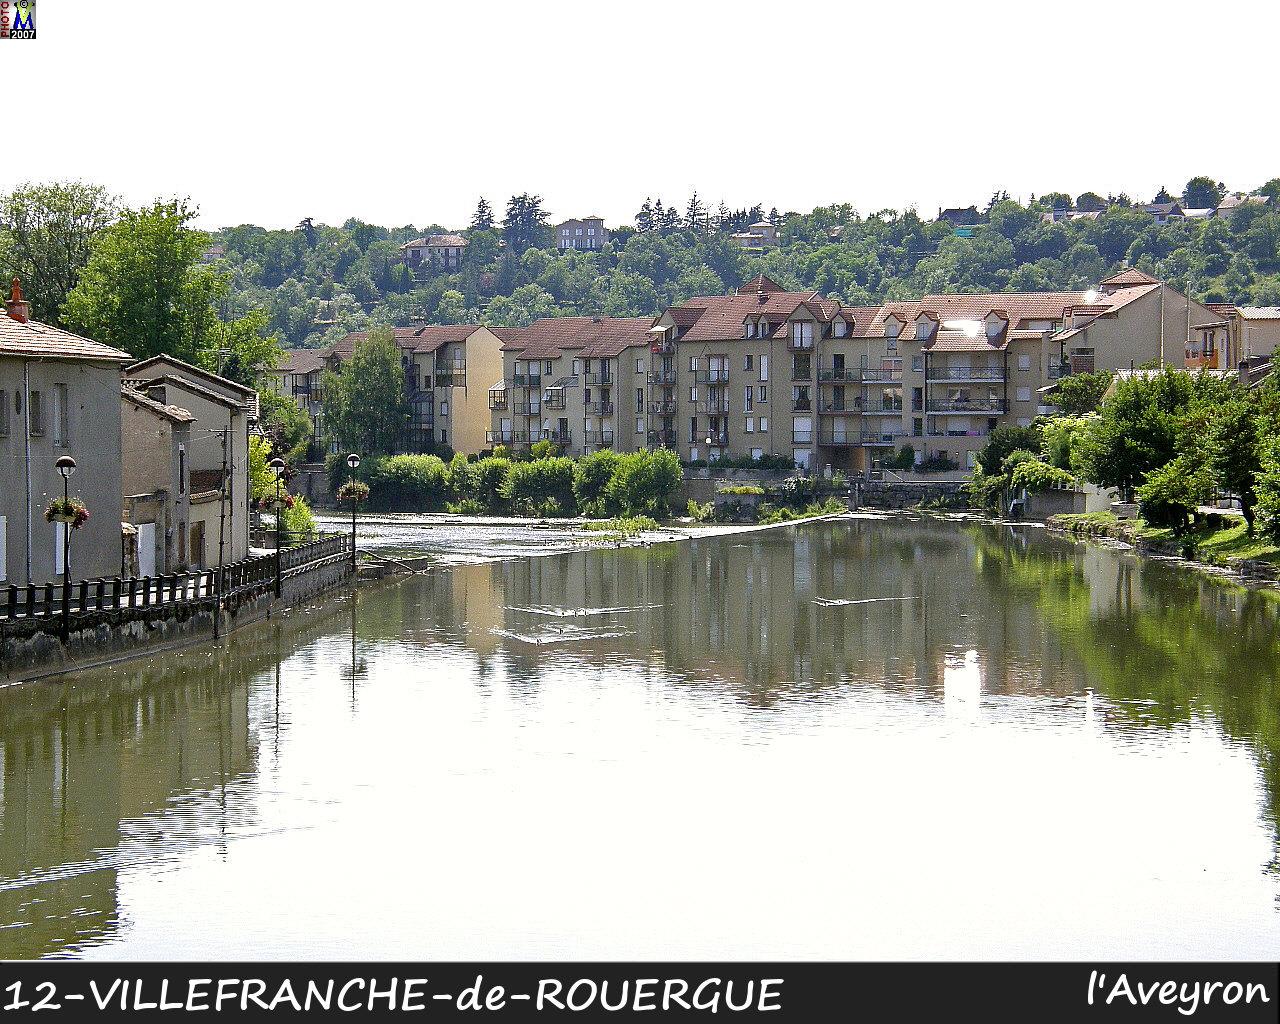 Aveyron photos de la commune de villefranche de rouergue for Aquilus piscine villefranche de rouergue